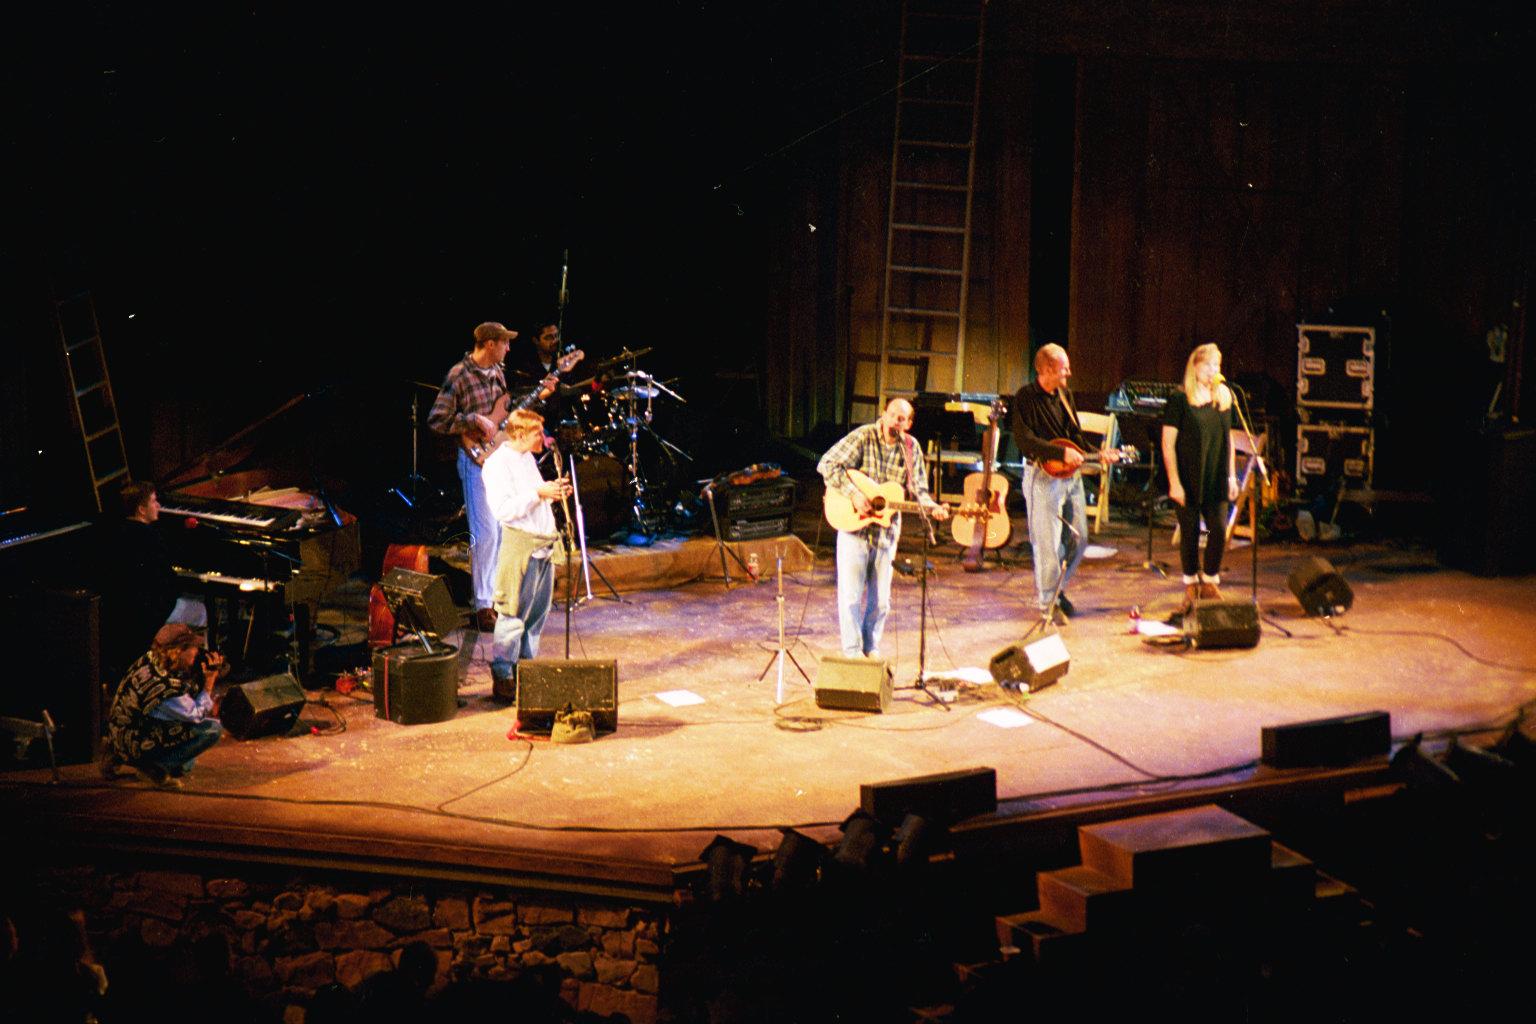 Sundance Amphitheater